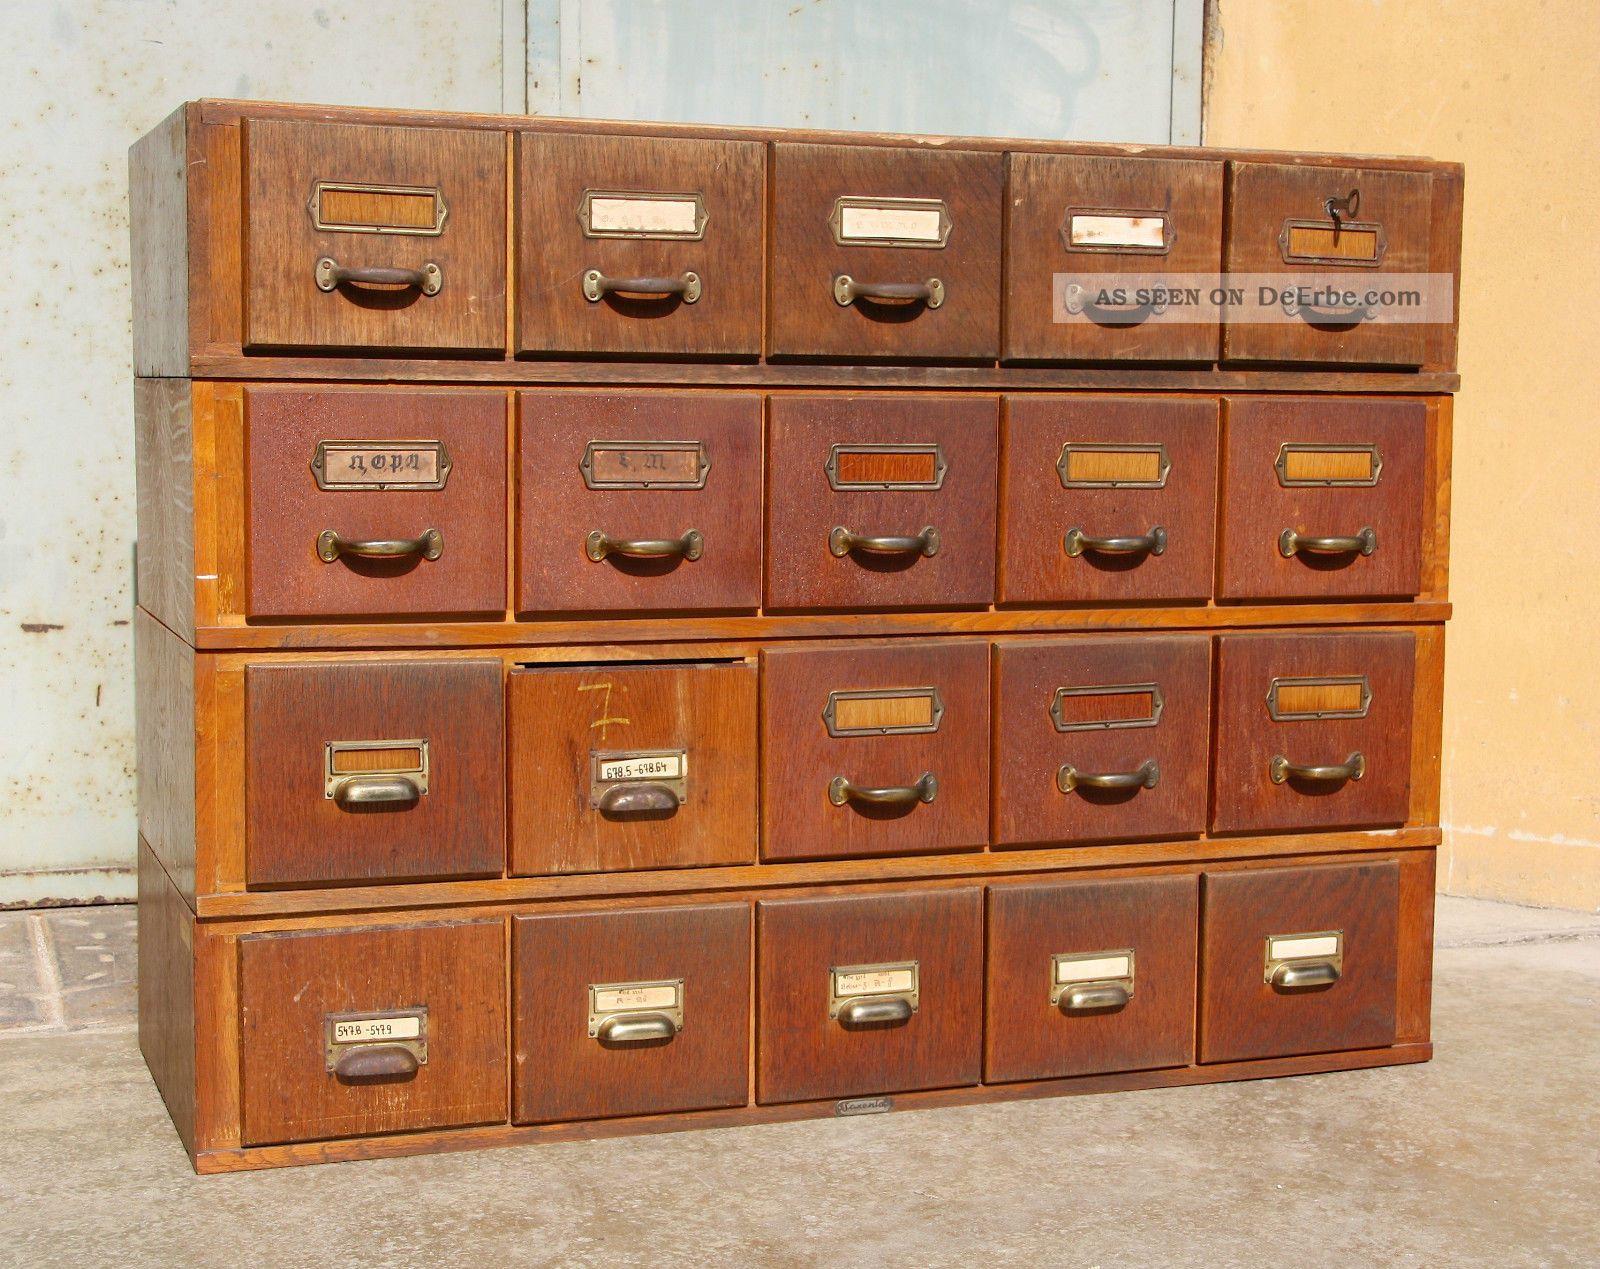 Alter Schubladenschrank Karteischrank Art Deco Schrank Loft Industrie Bauhaus Antike Originale vor 1945 Bild